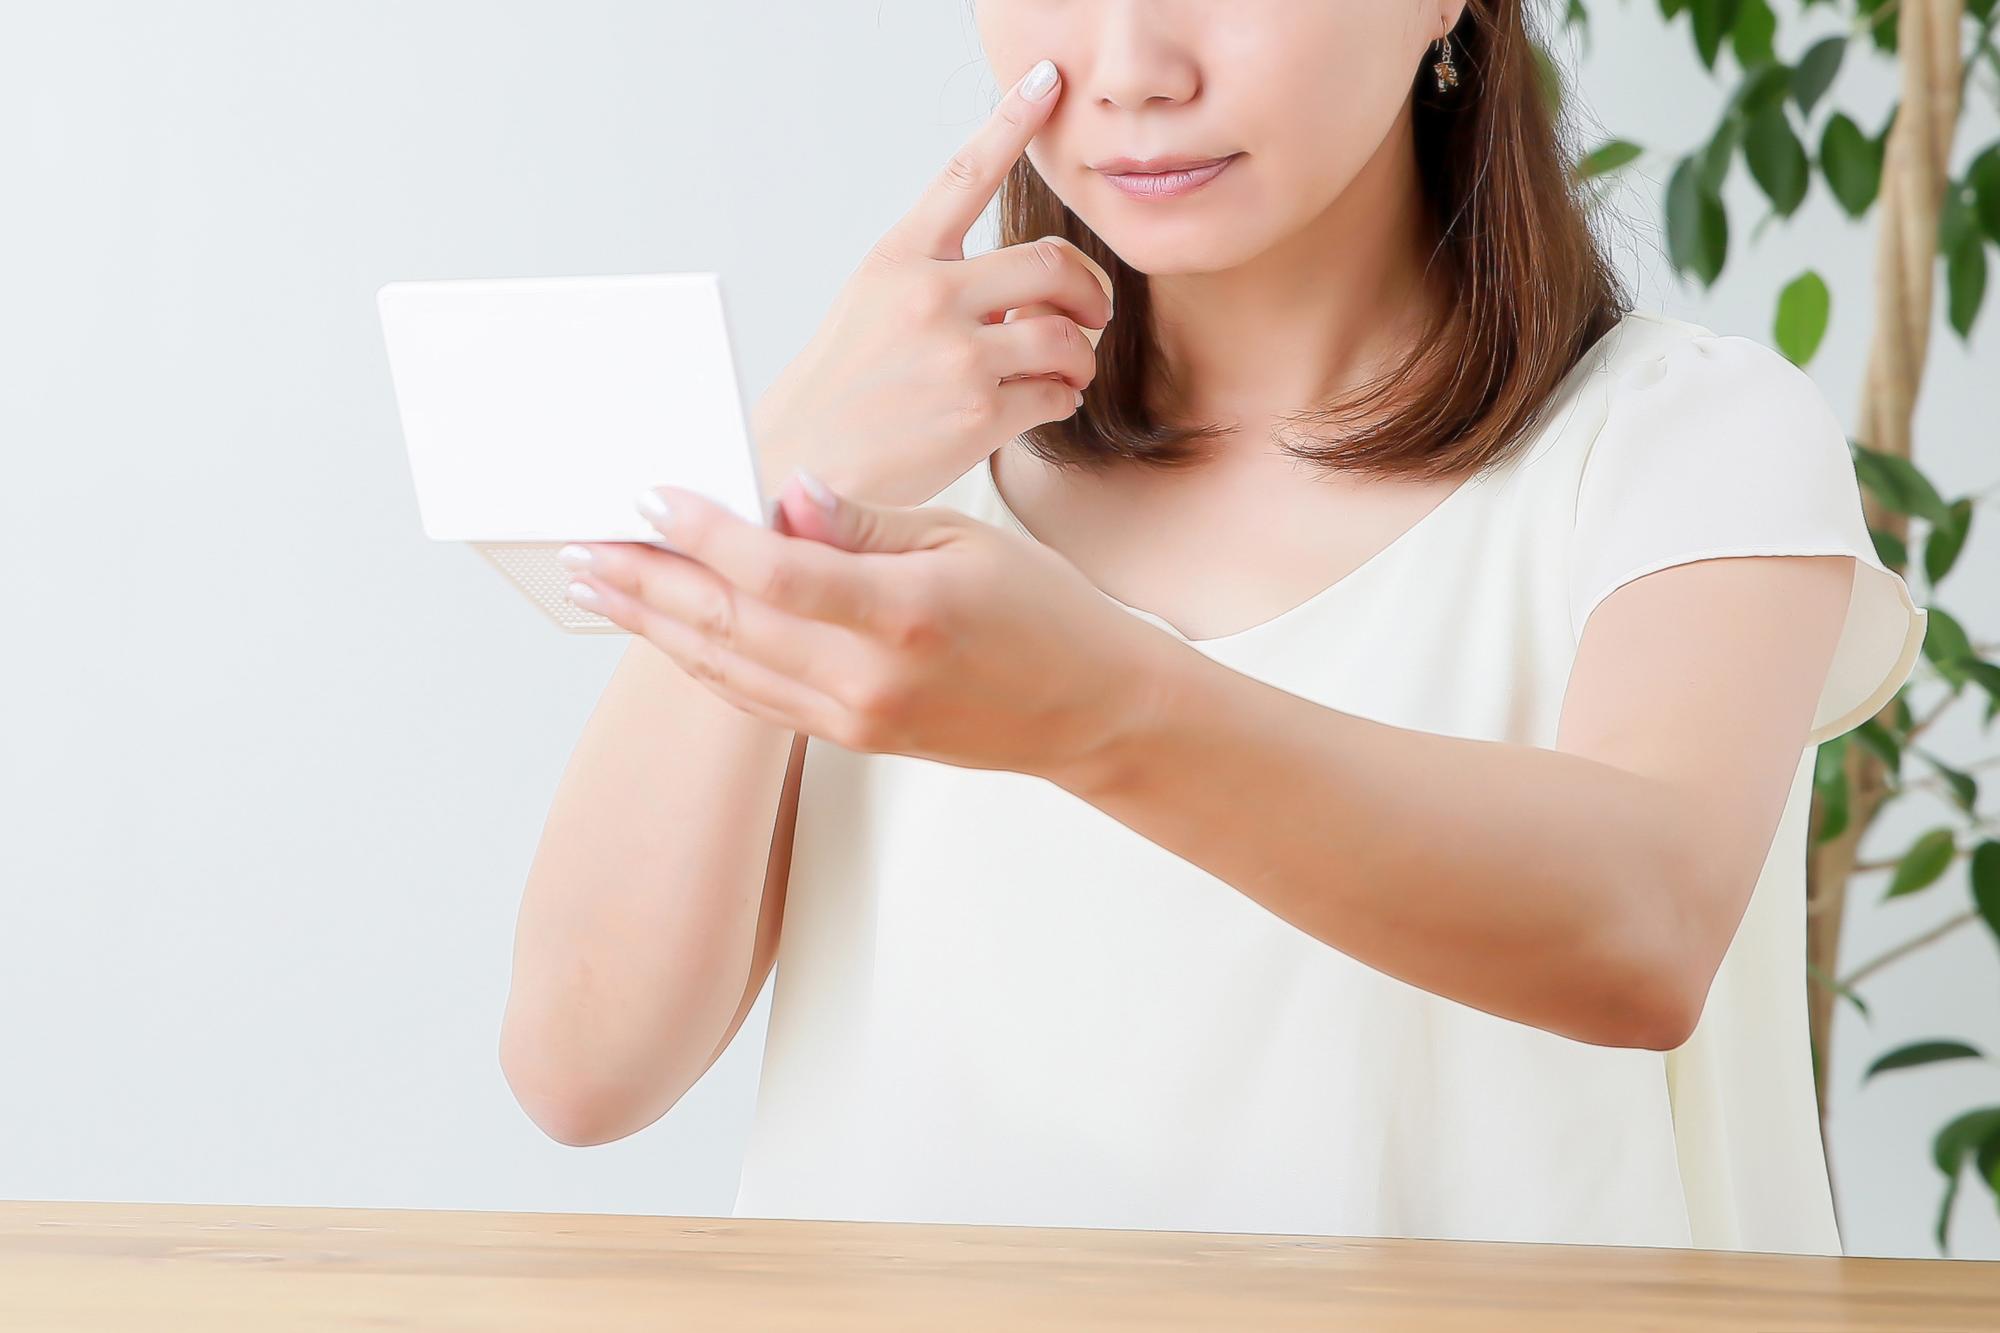 顔に保湿剤を塗る女性イメージ